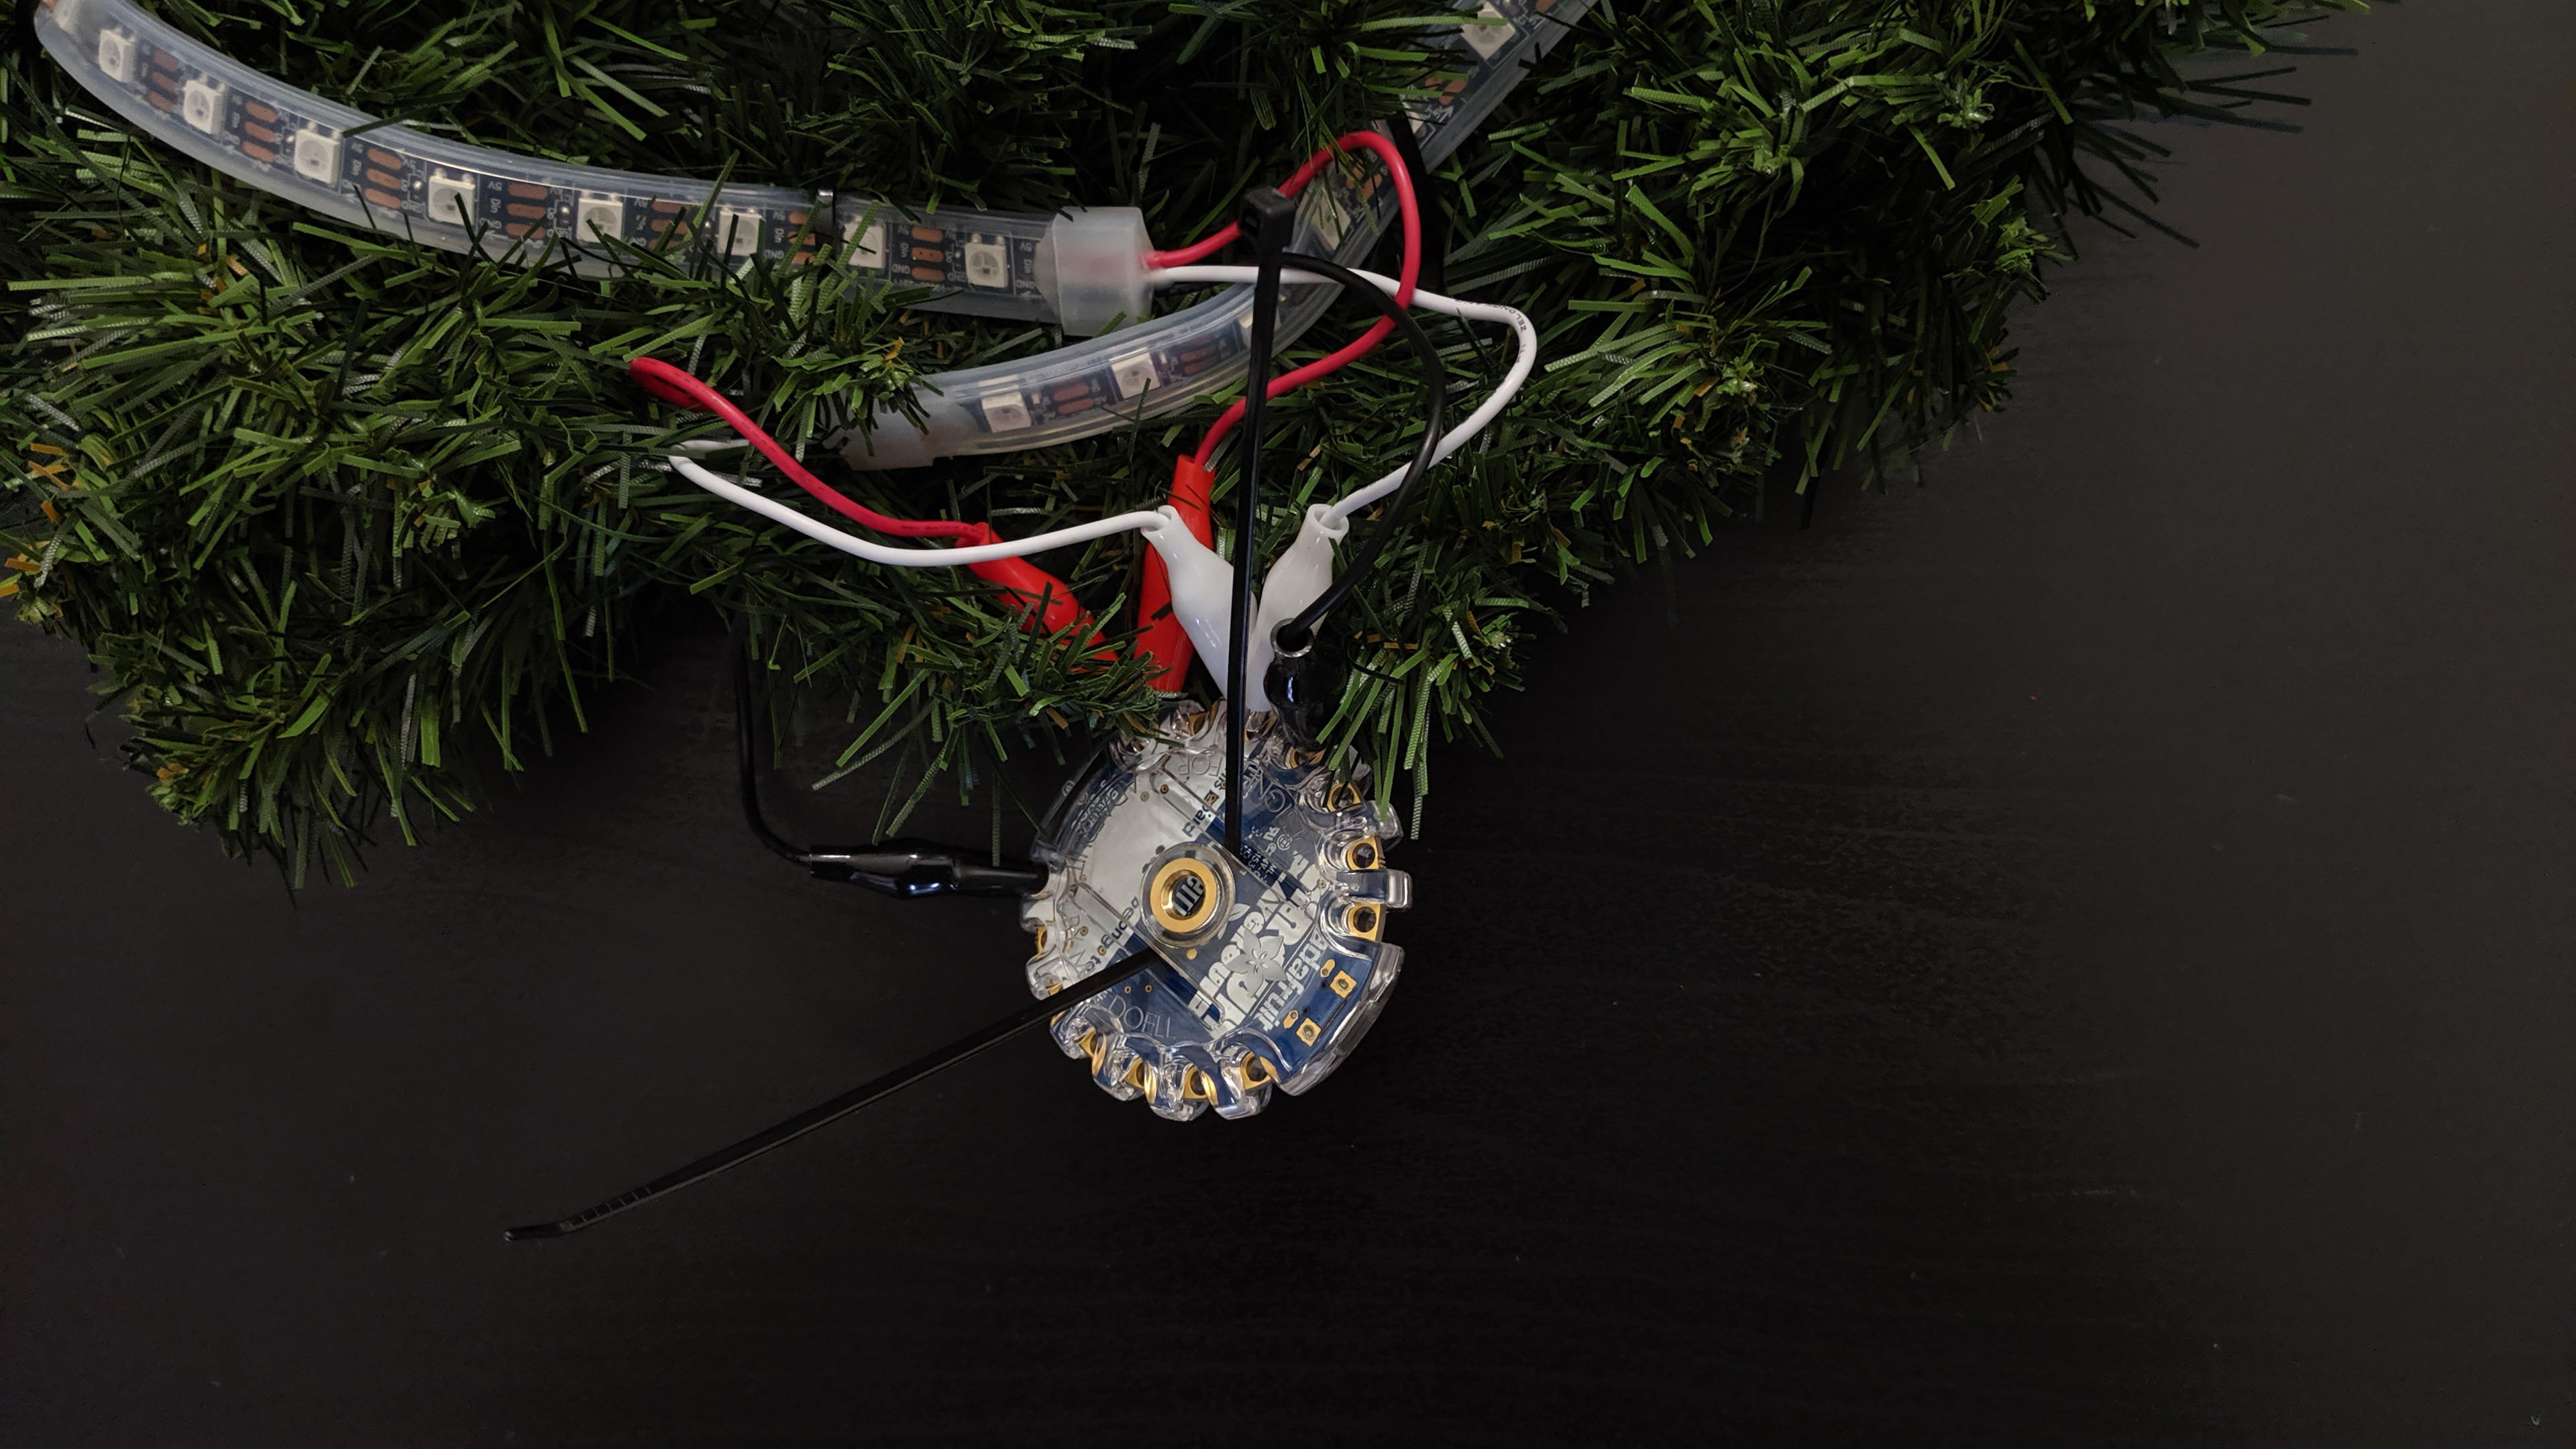 leds_CPB_NeoPIxel_Controller_zip_tie_on_CPB.jpg